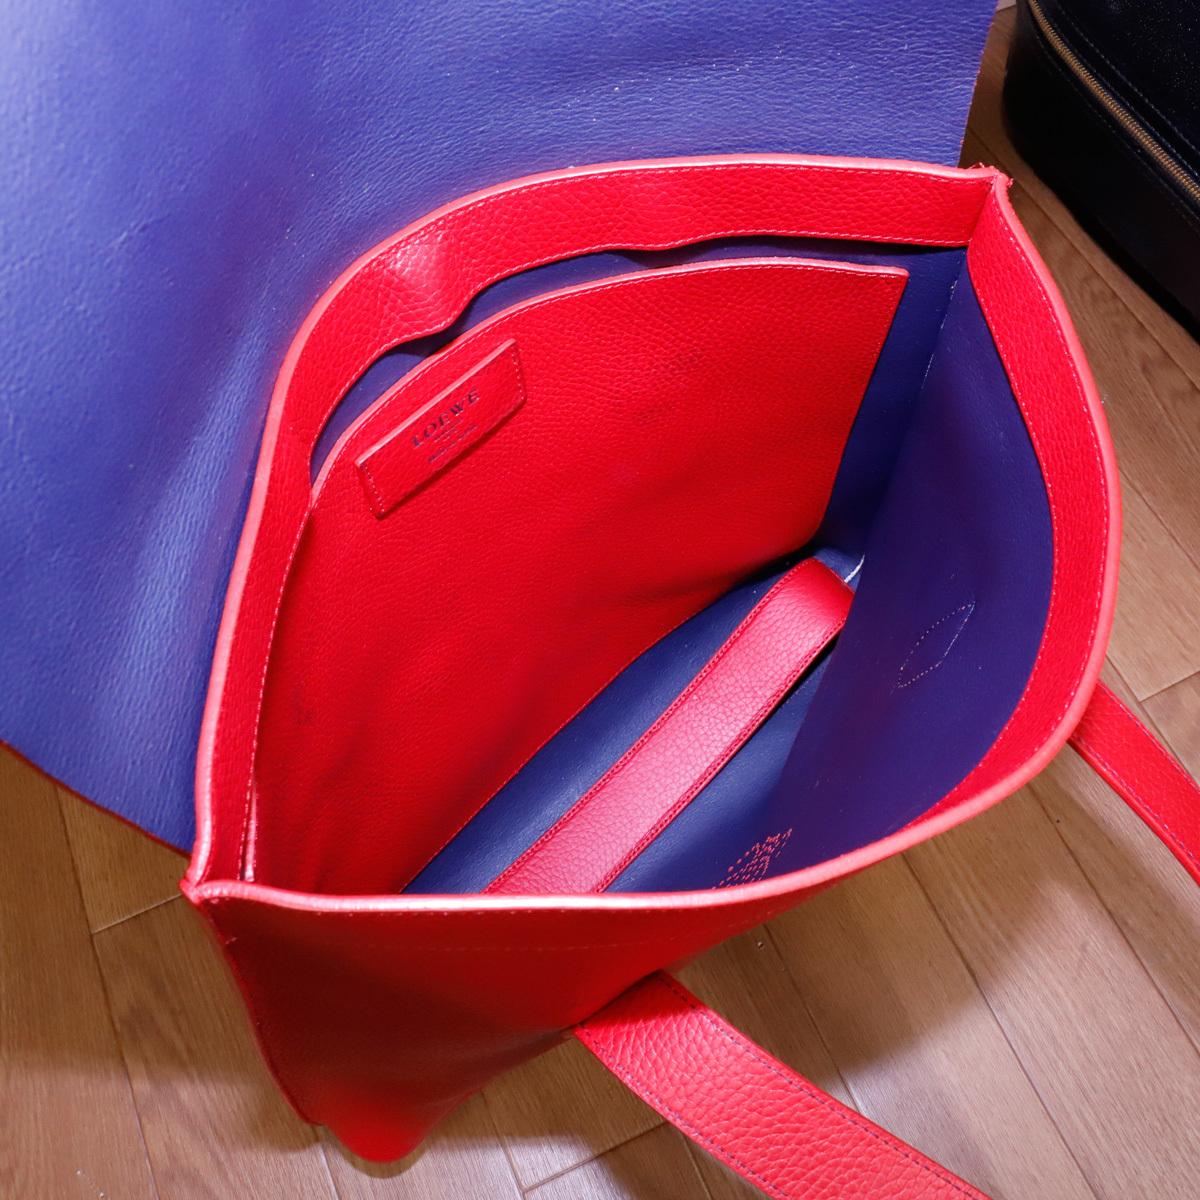 本物 ロエベ 完売モデル メンズコレクションライン トリヨンレザービジネスバッグ(A4書類対応)トートバッグ スペイン製 正規品 LOEWE_画像9